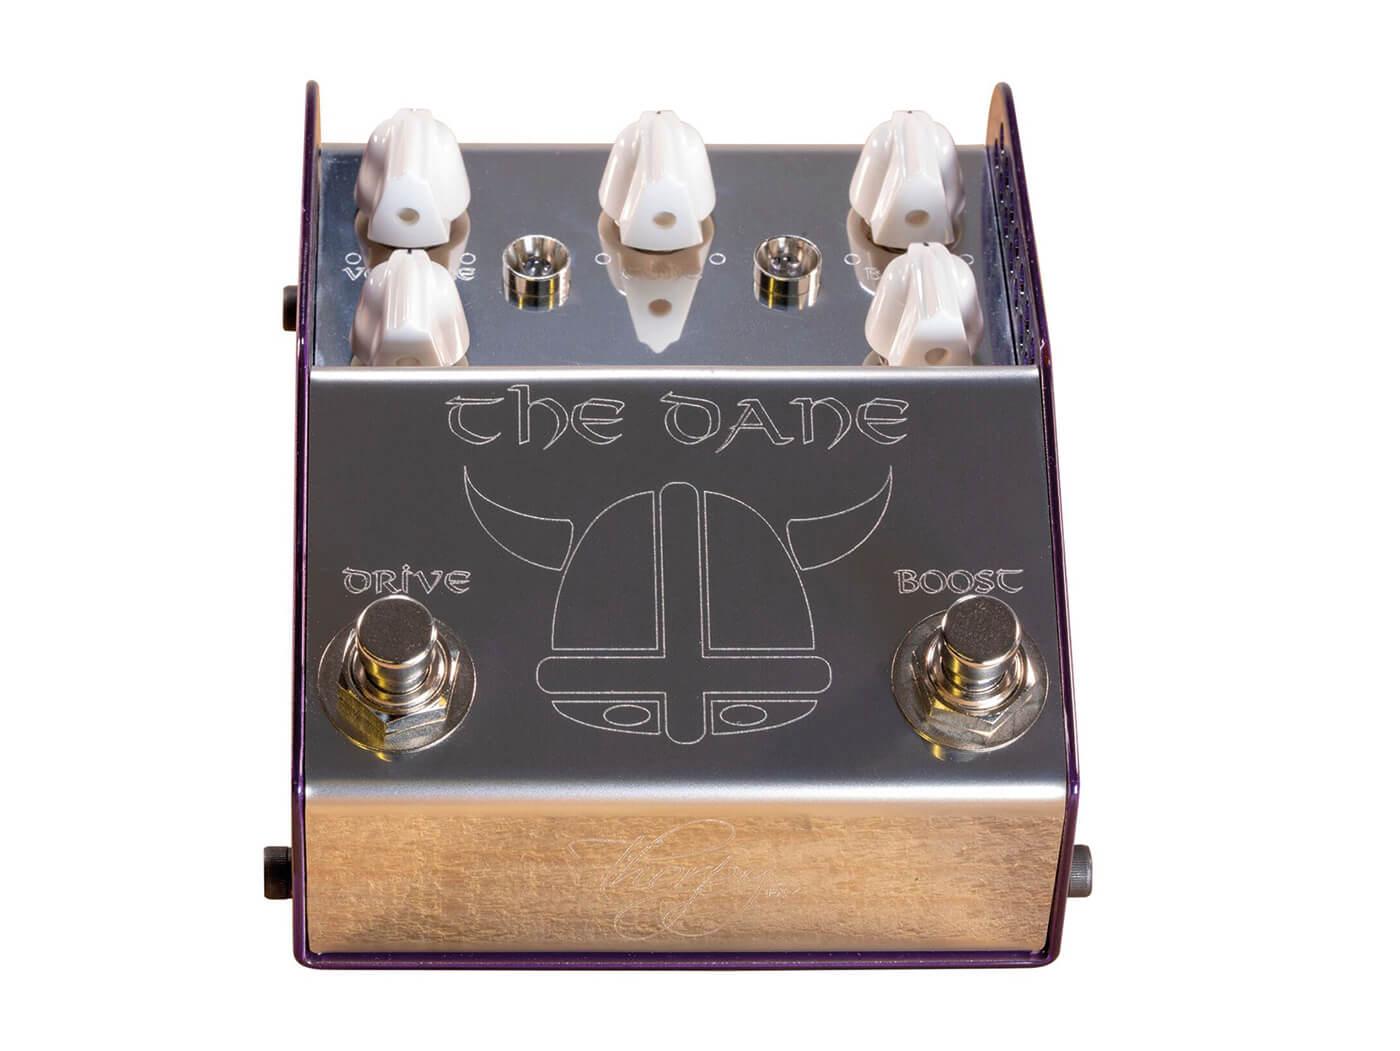 Best signature pedals